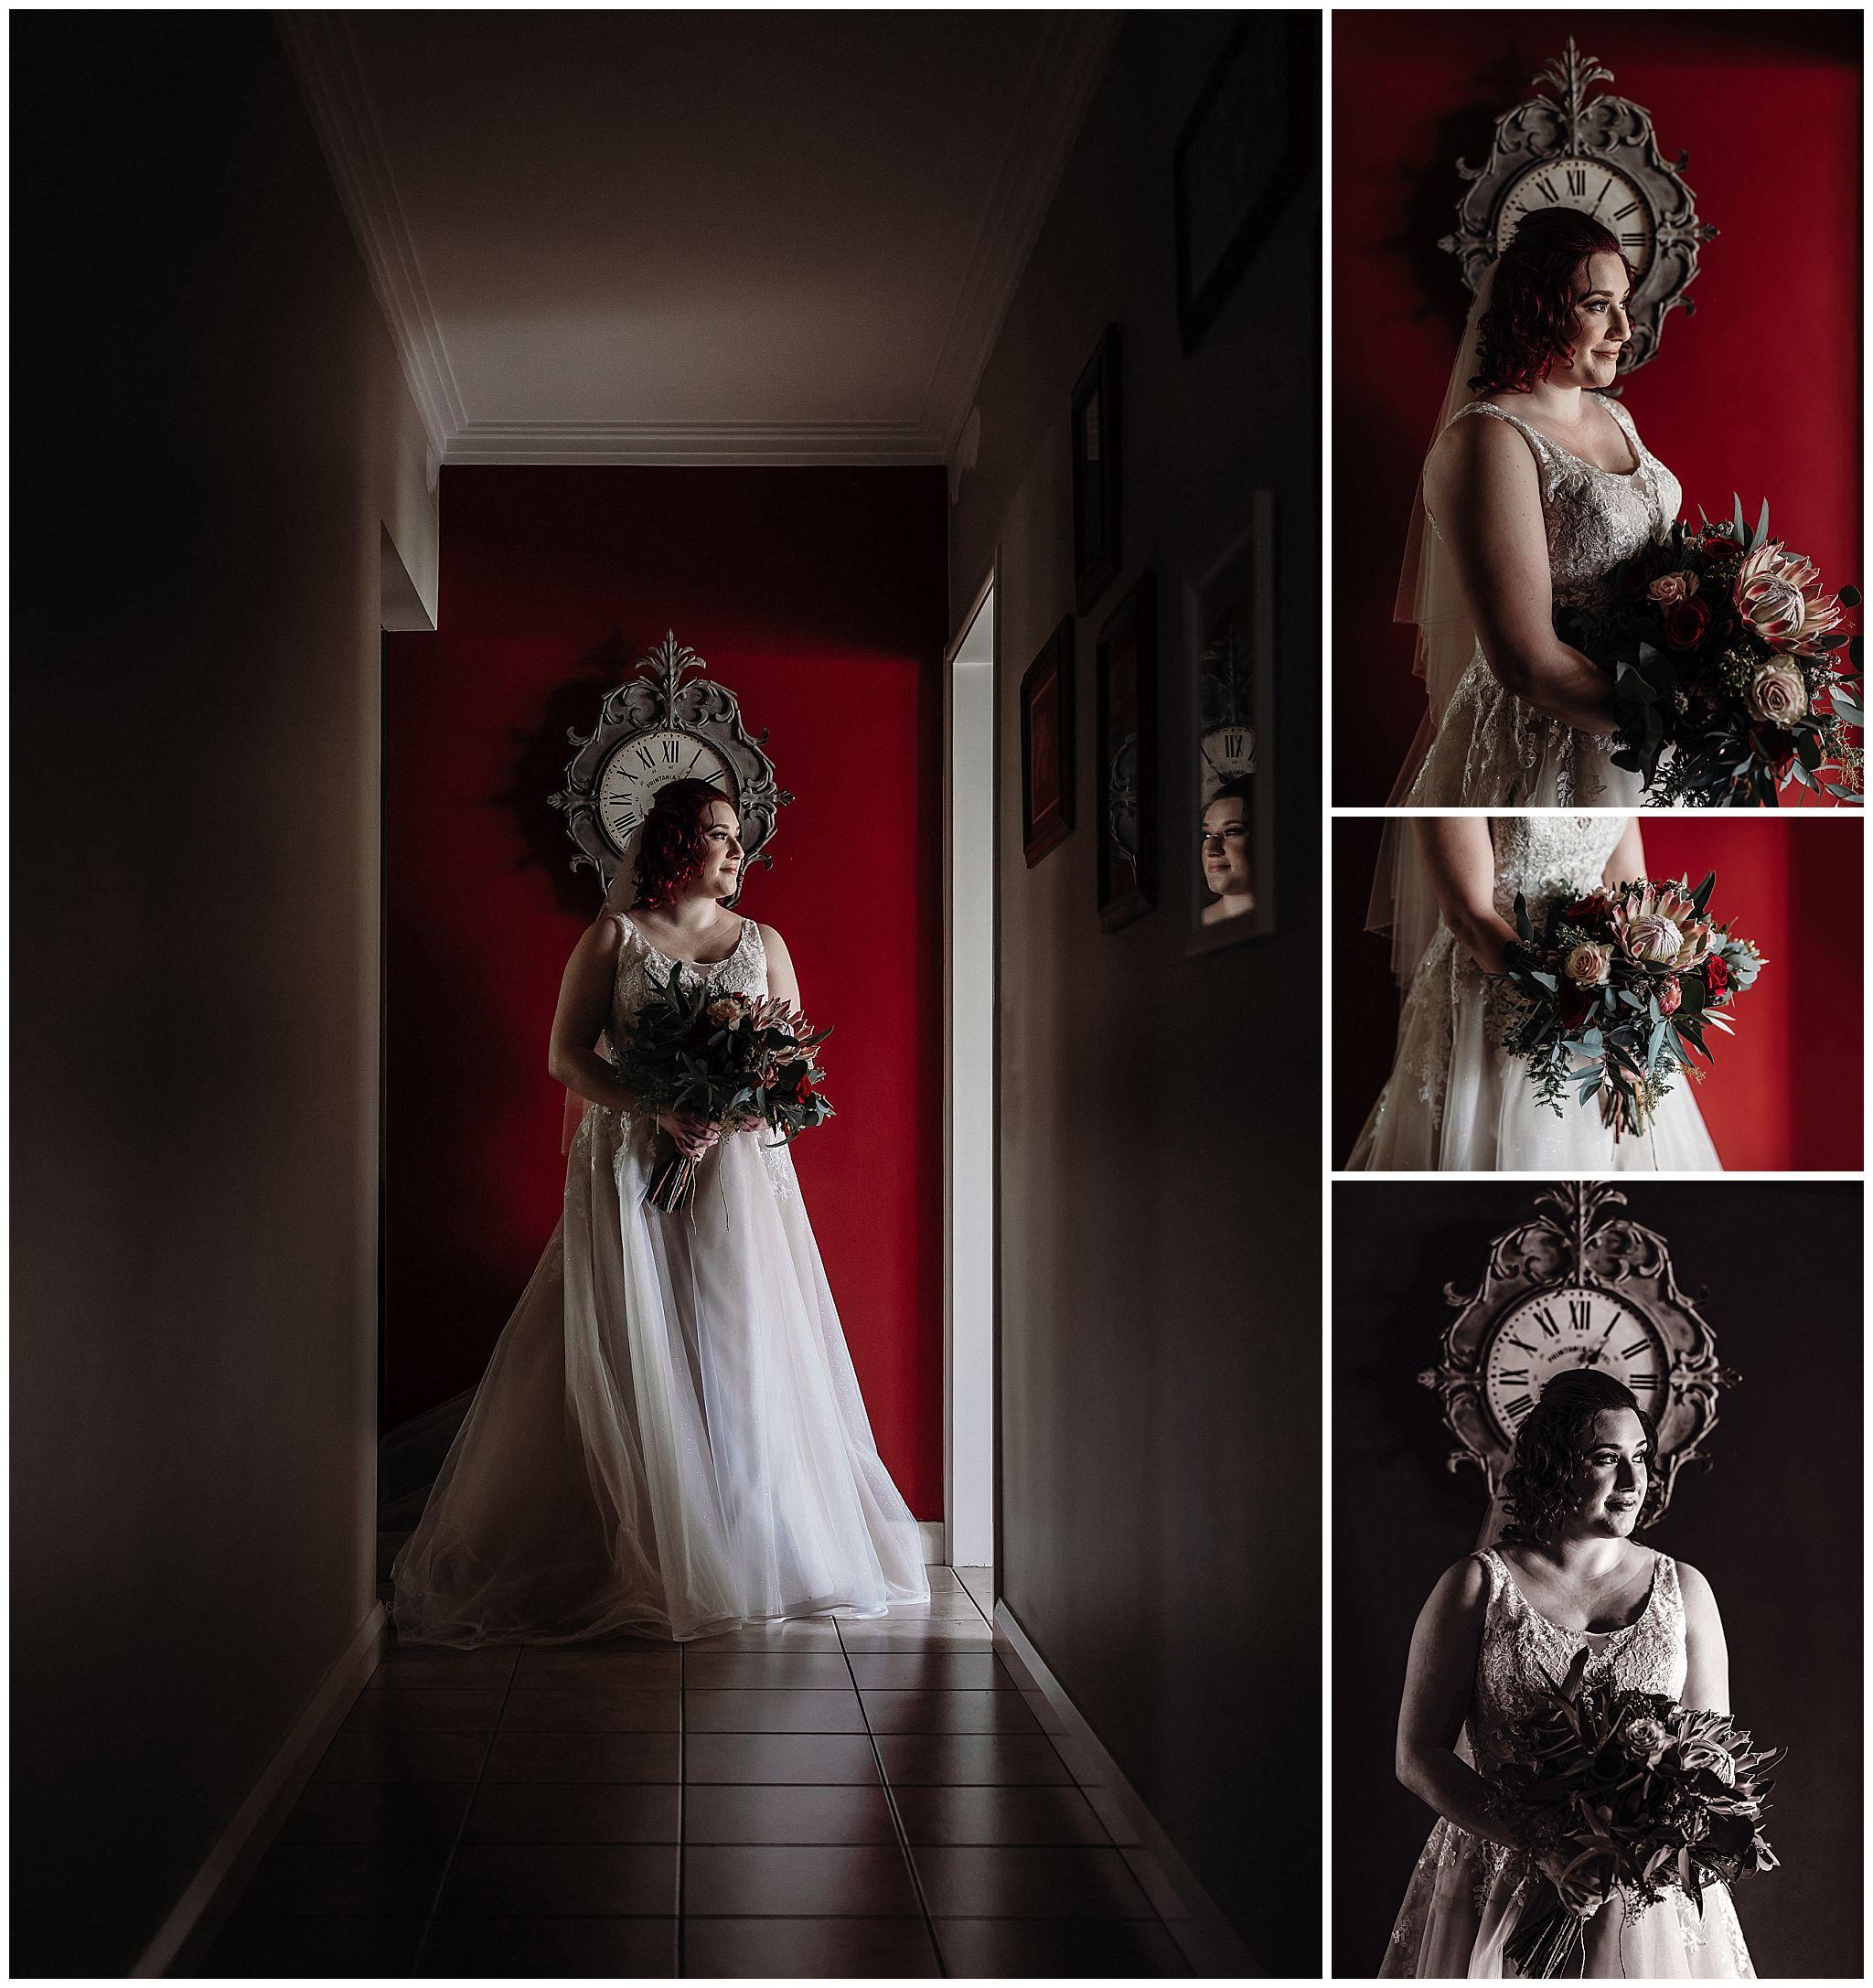 bride-preparations